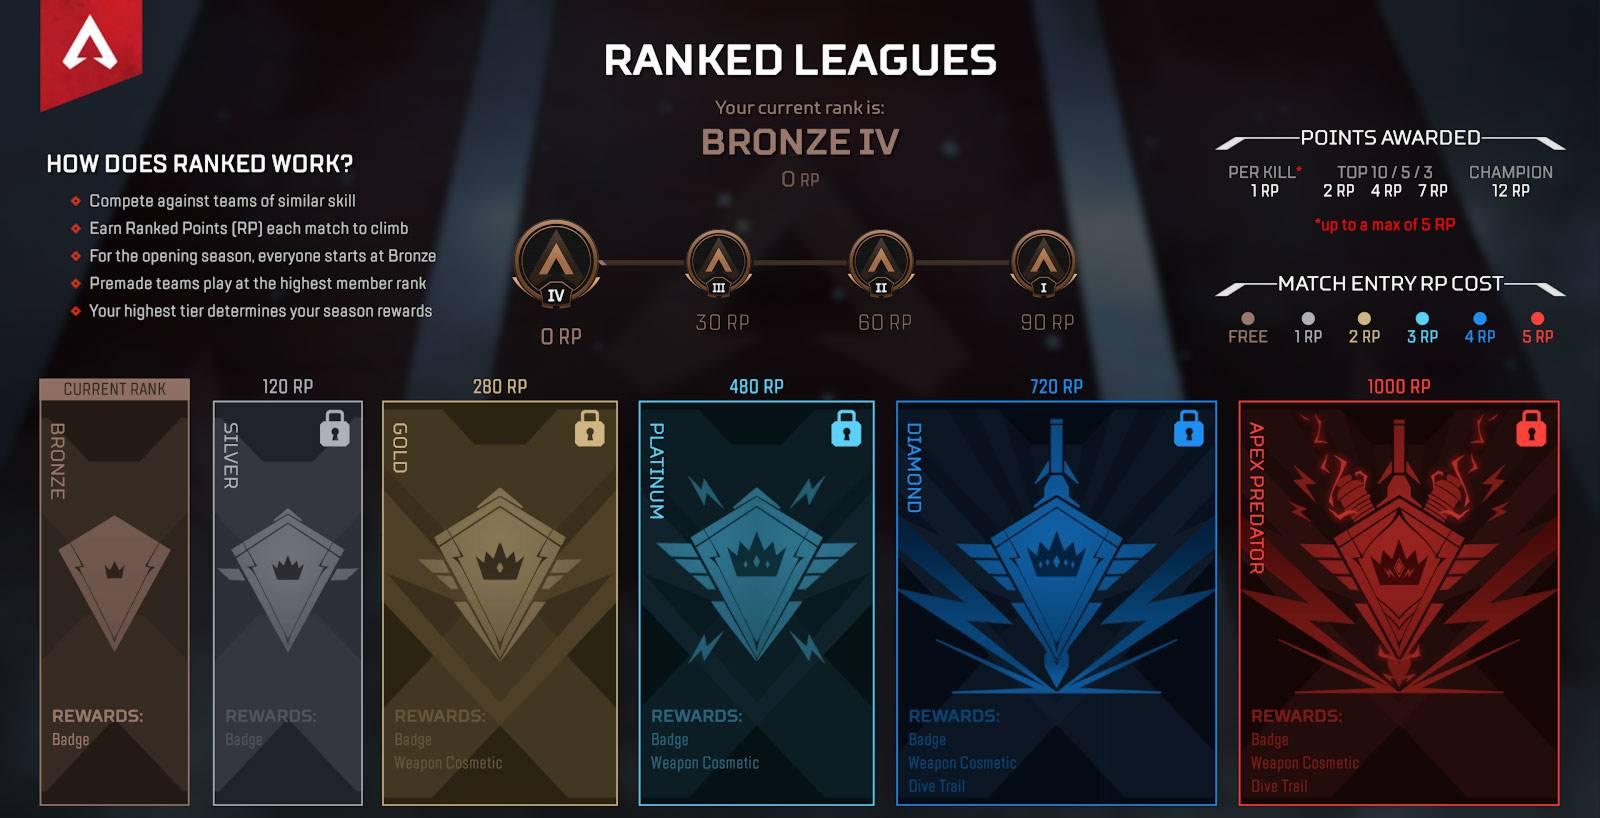 Les niveaux ou rangs de ligues classées - Apex Legends Ranked